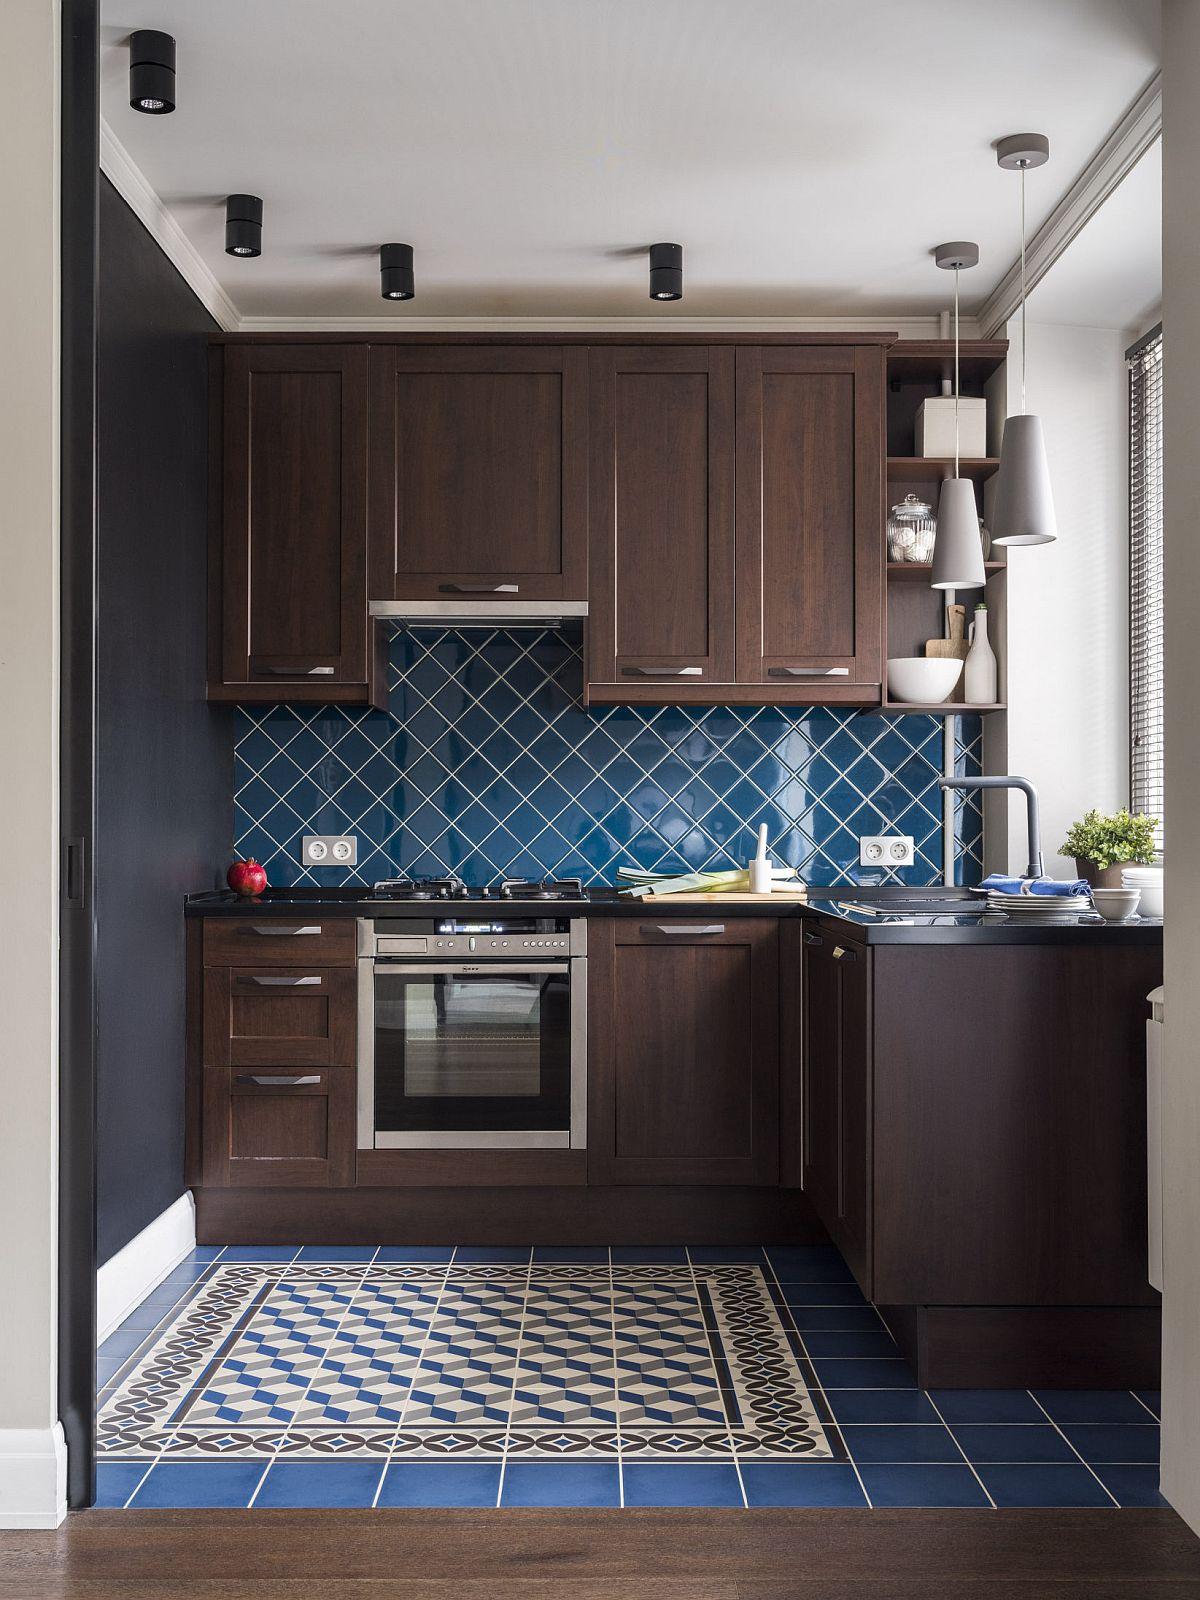 Ce se potrivește cu o mobilă în nuanță wenge? Un albastru închis poate fi o alegere foarte inspirată, mai ales într-un spațiu mic. Aceste nuanțe închise dau senzația de adâncime a spațiului. mai ales că la nivelul plafonului și a pardoselii predomină albul, deci un contrast de tip umbră și lumină.